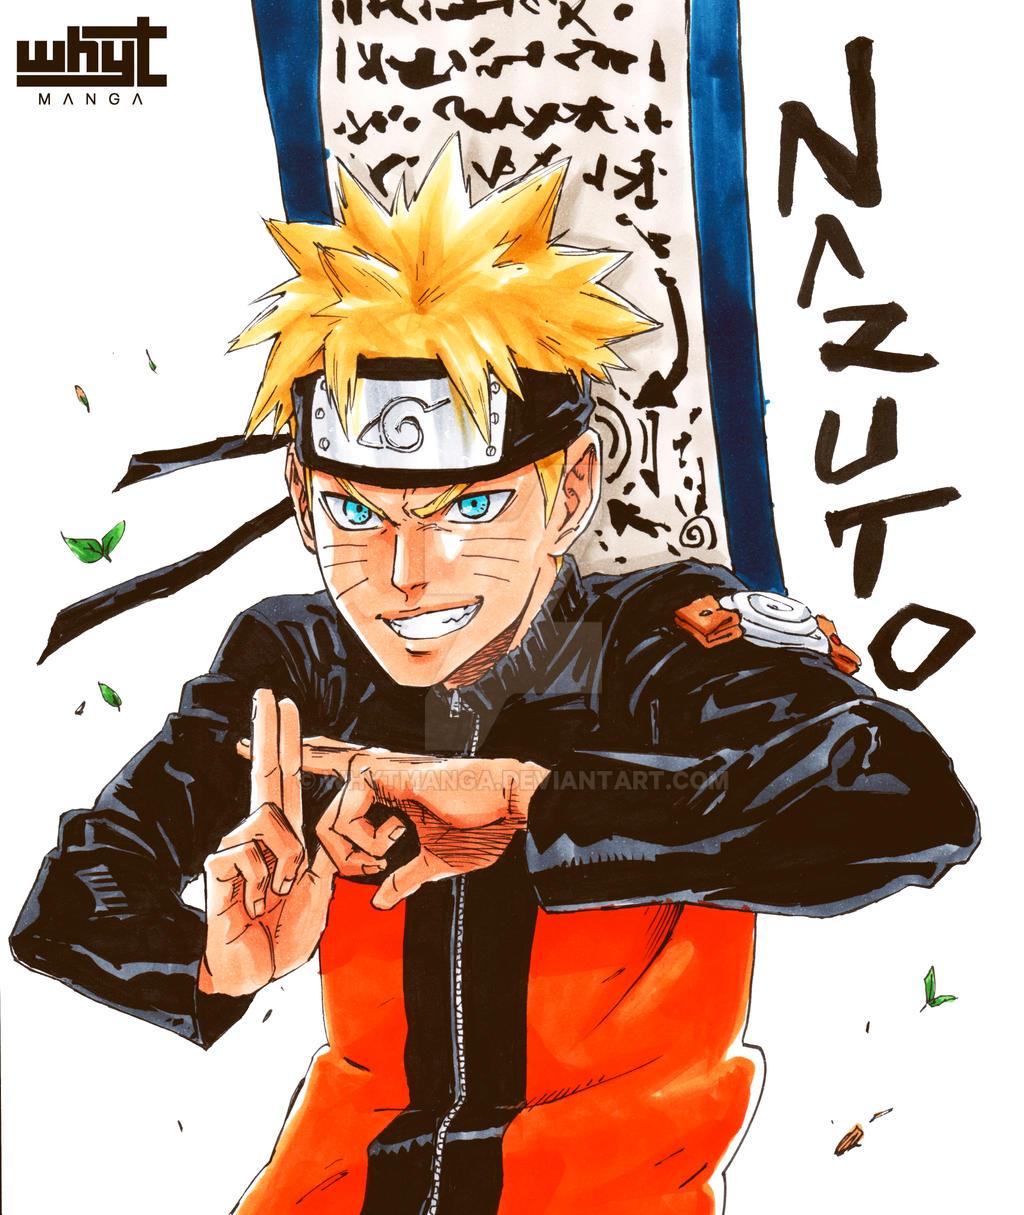 Naruto Uzumaki In My STYLE! By WhytManga On DeviantArt